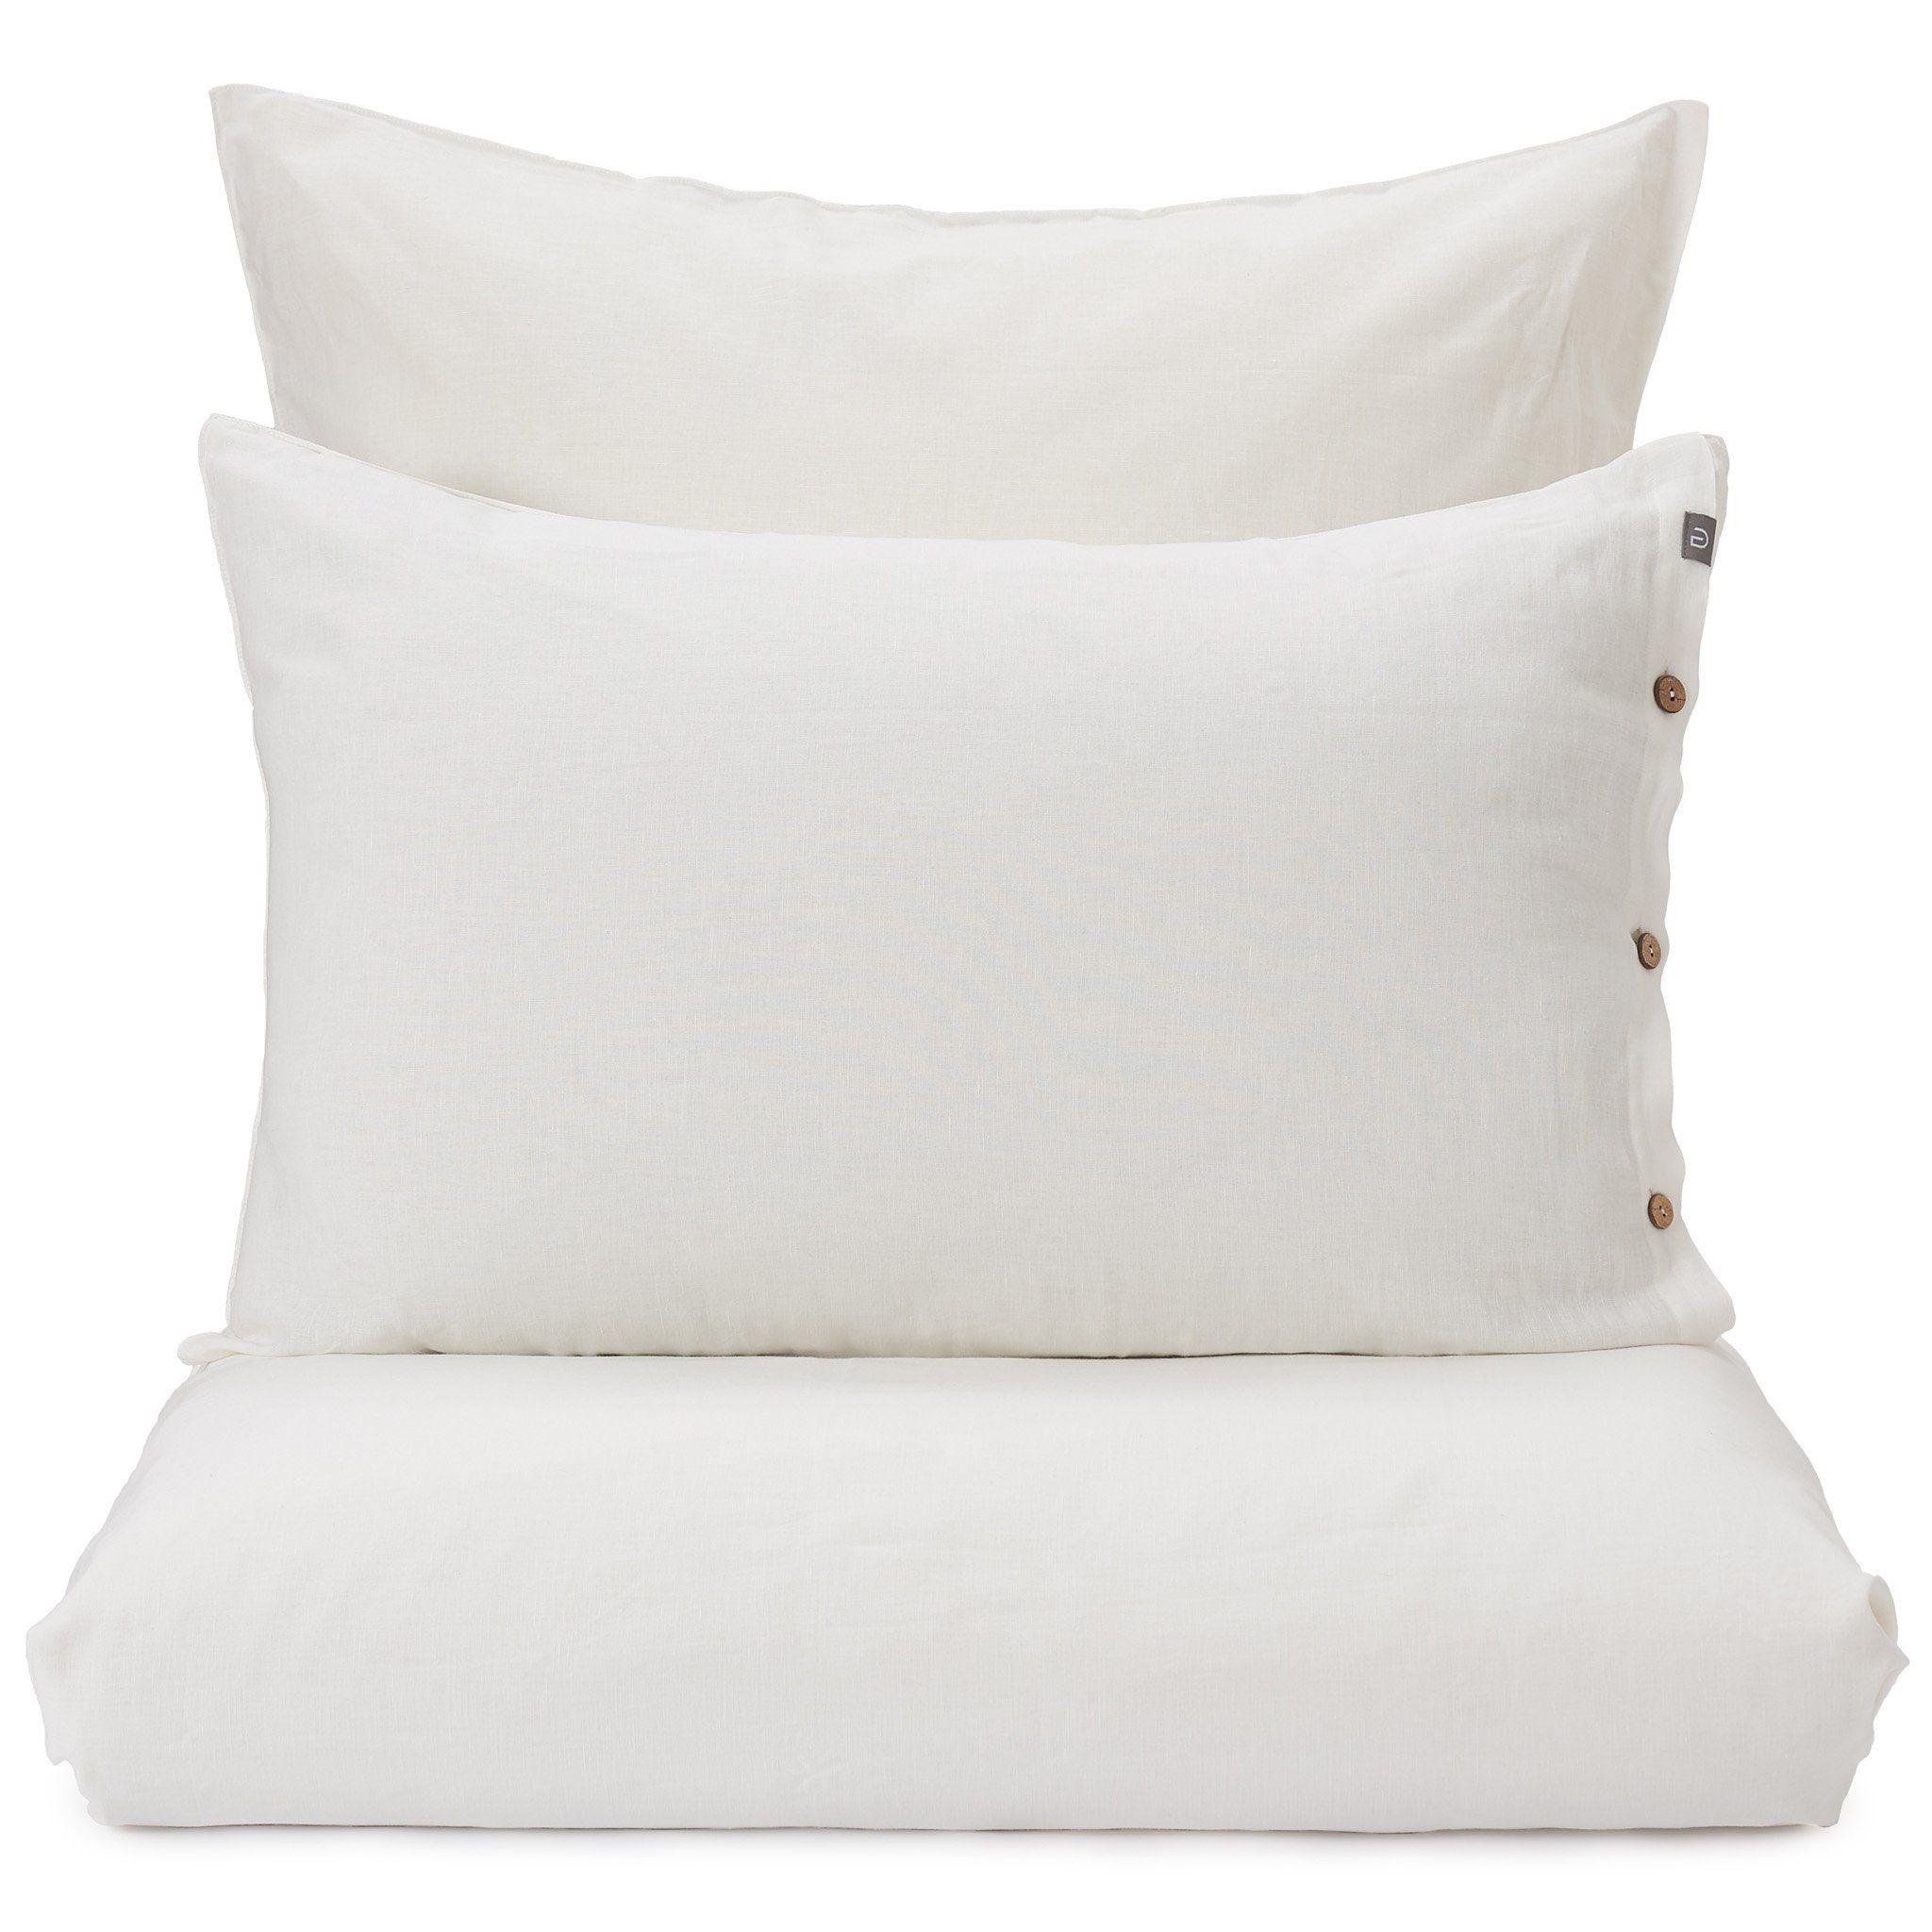 Leinen Bettwasche Tolosa Weiss 135x200 Cm Bettwasche